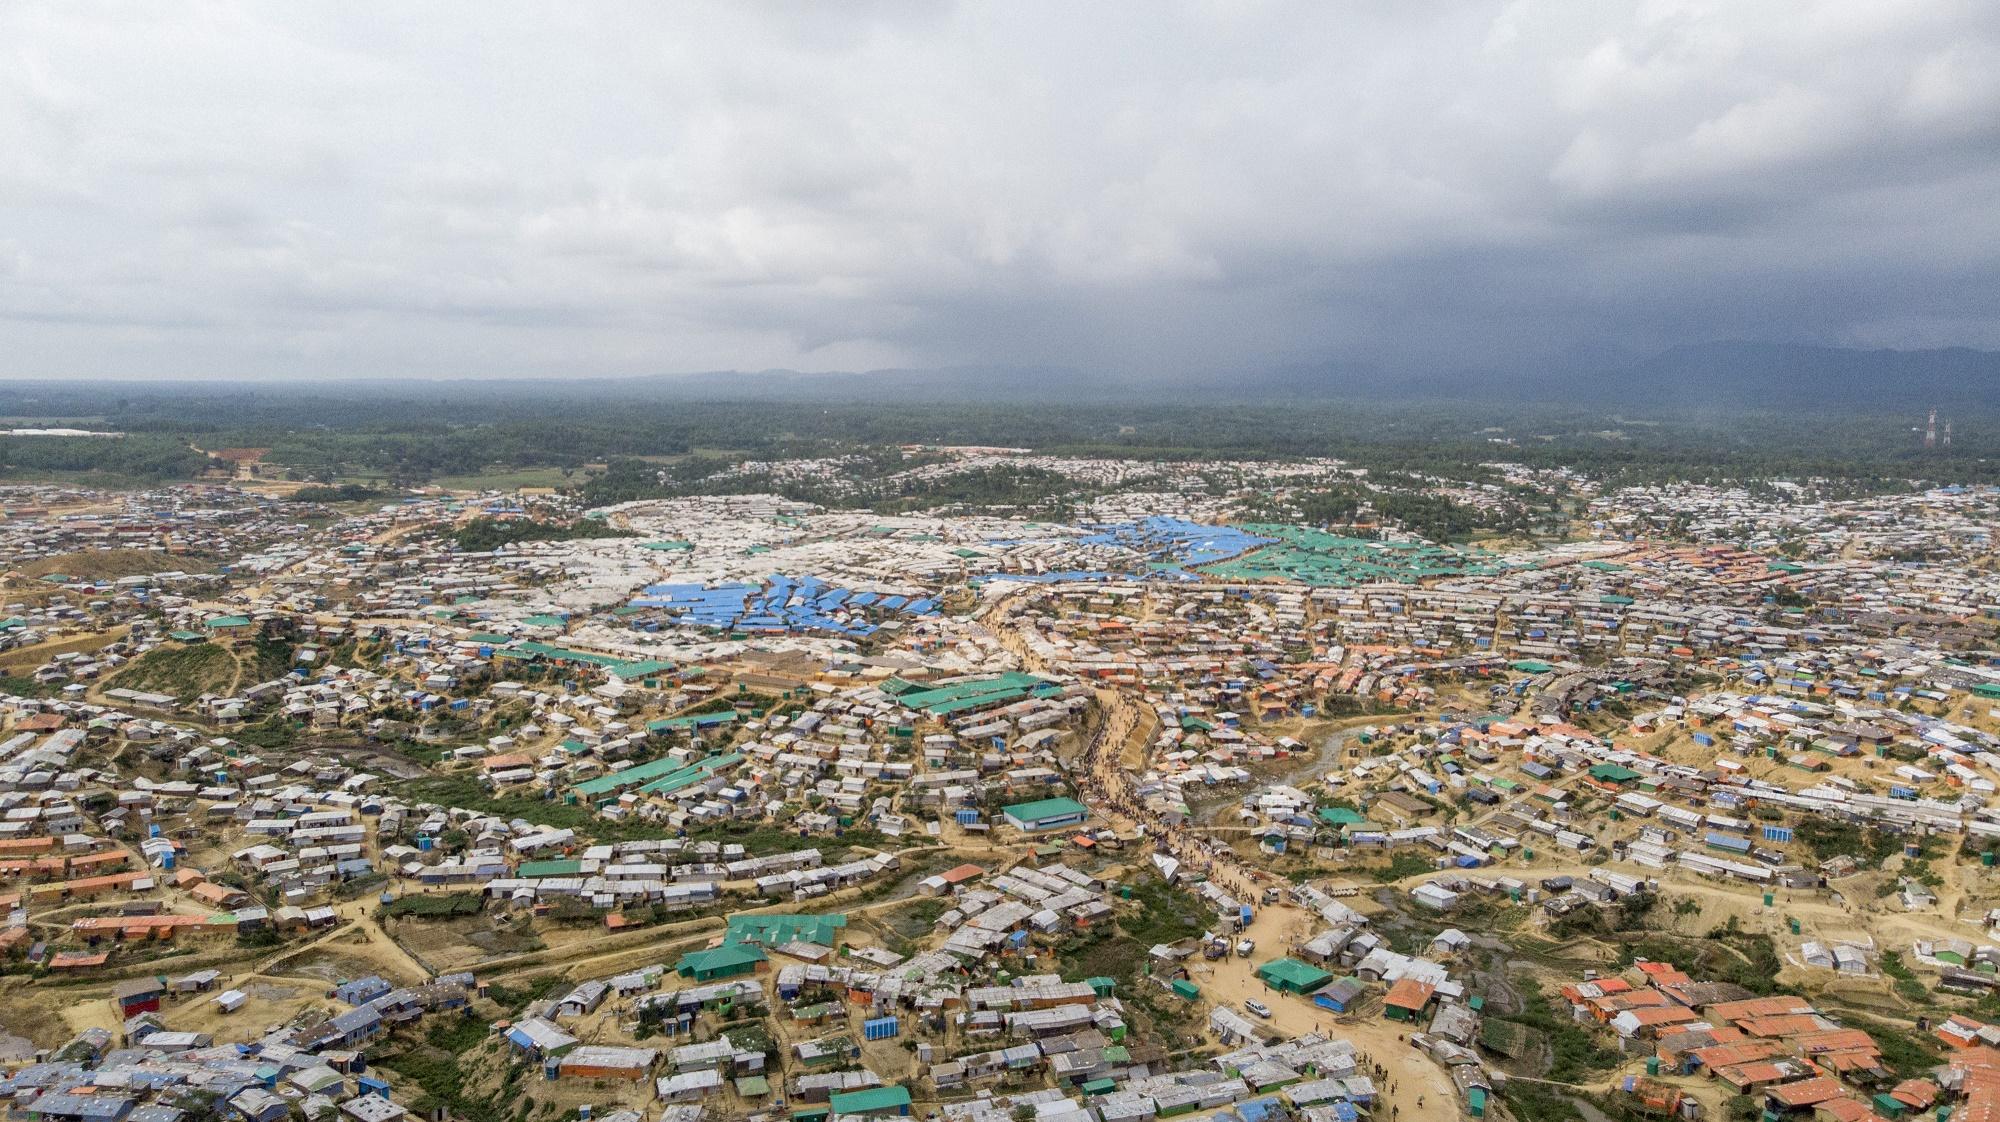 কক্সবাজারে ৫০১৩ একর বনভূমি রোহিঙ্গার দখলে, বাড়ছে তাপমাত্রাও